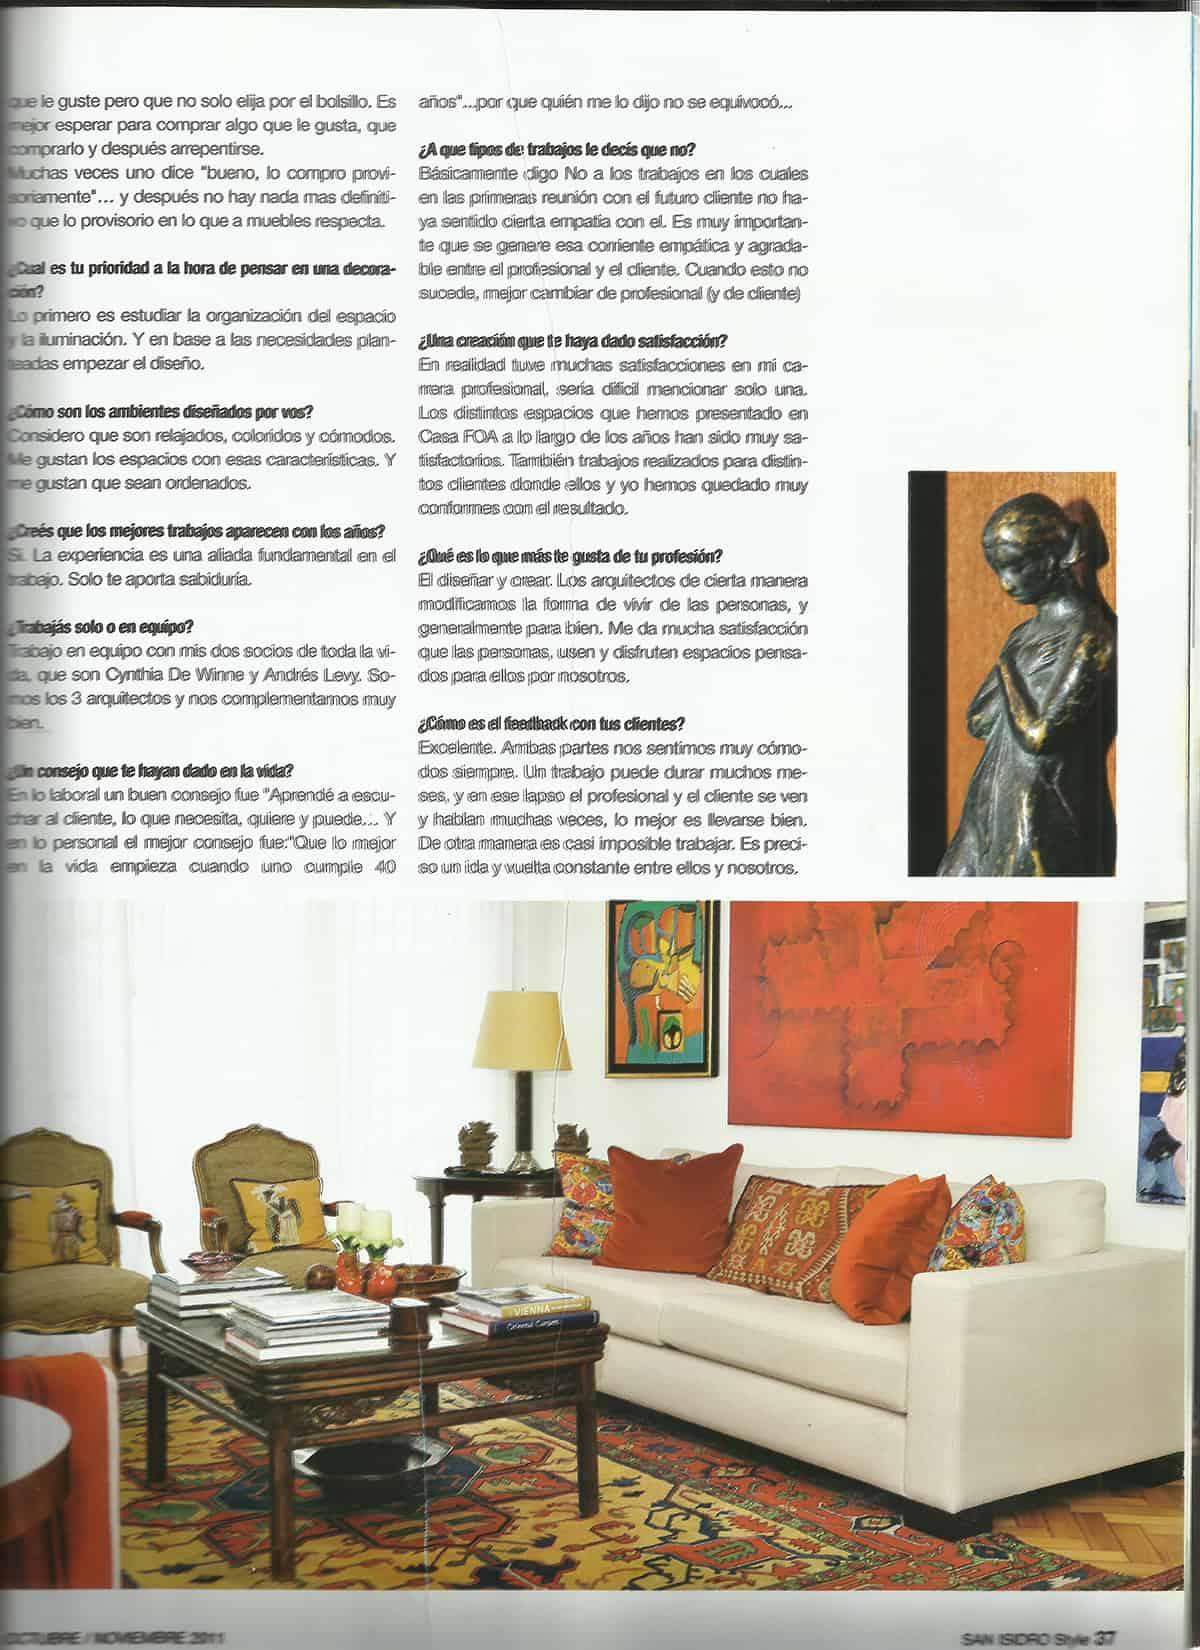 San Isidro Style 22 – 03